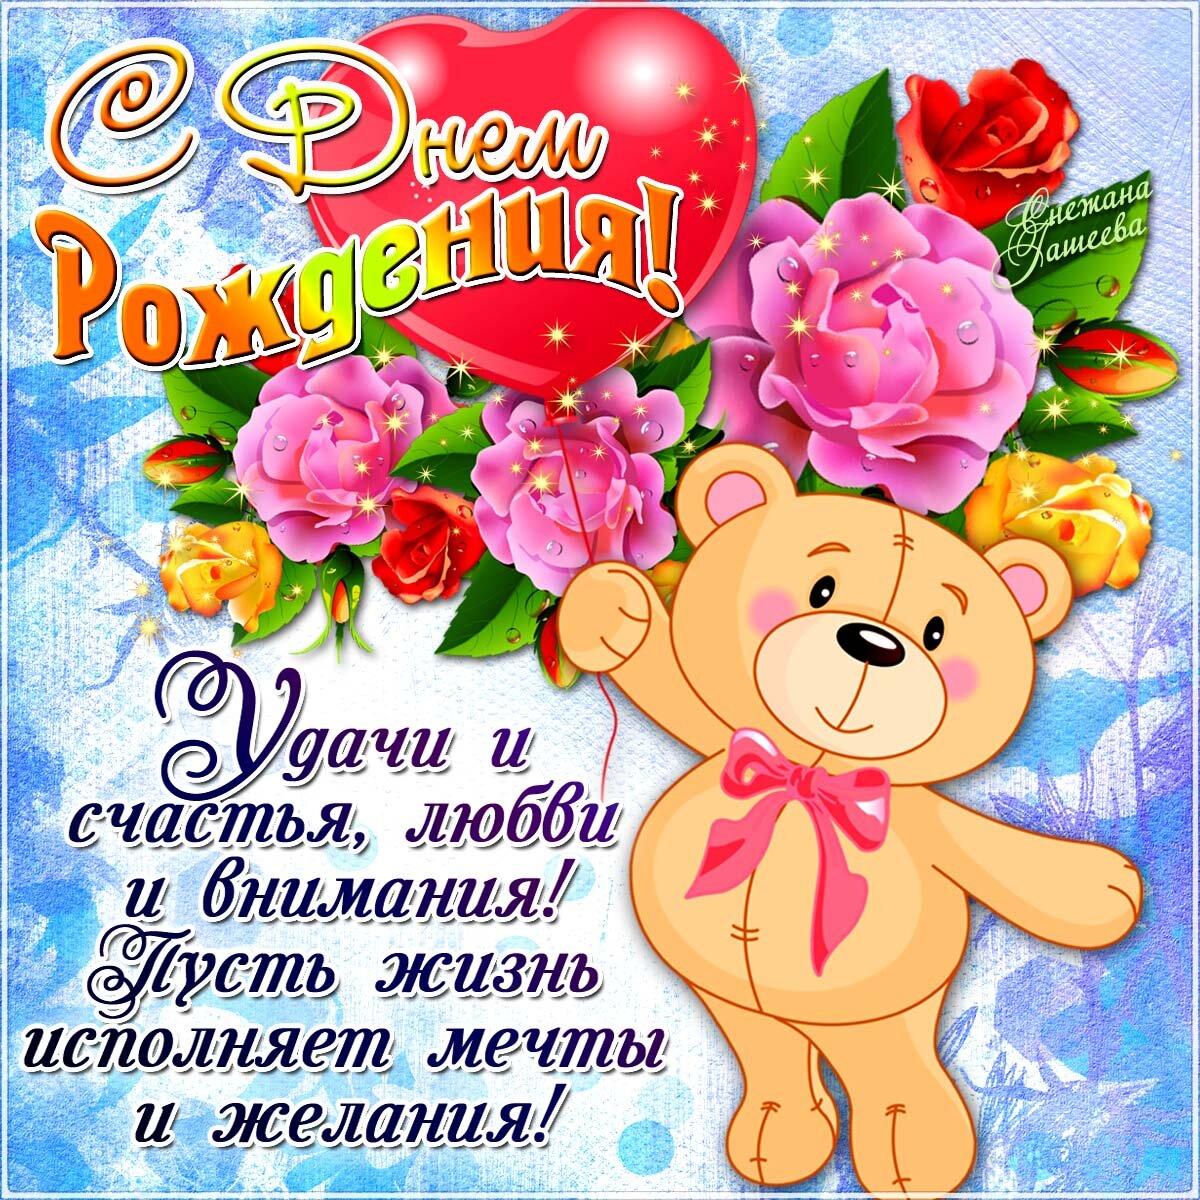 Хорошее поздравление к дню рождения хорошей девочке